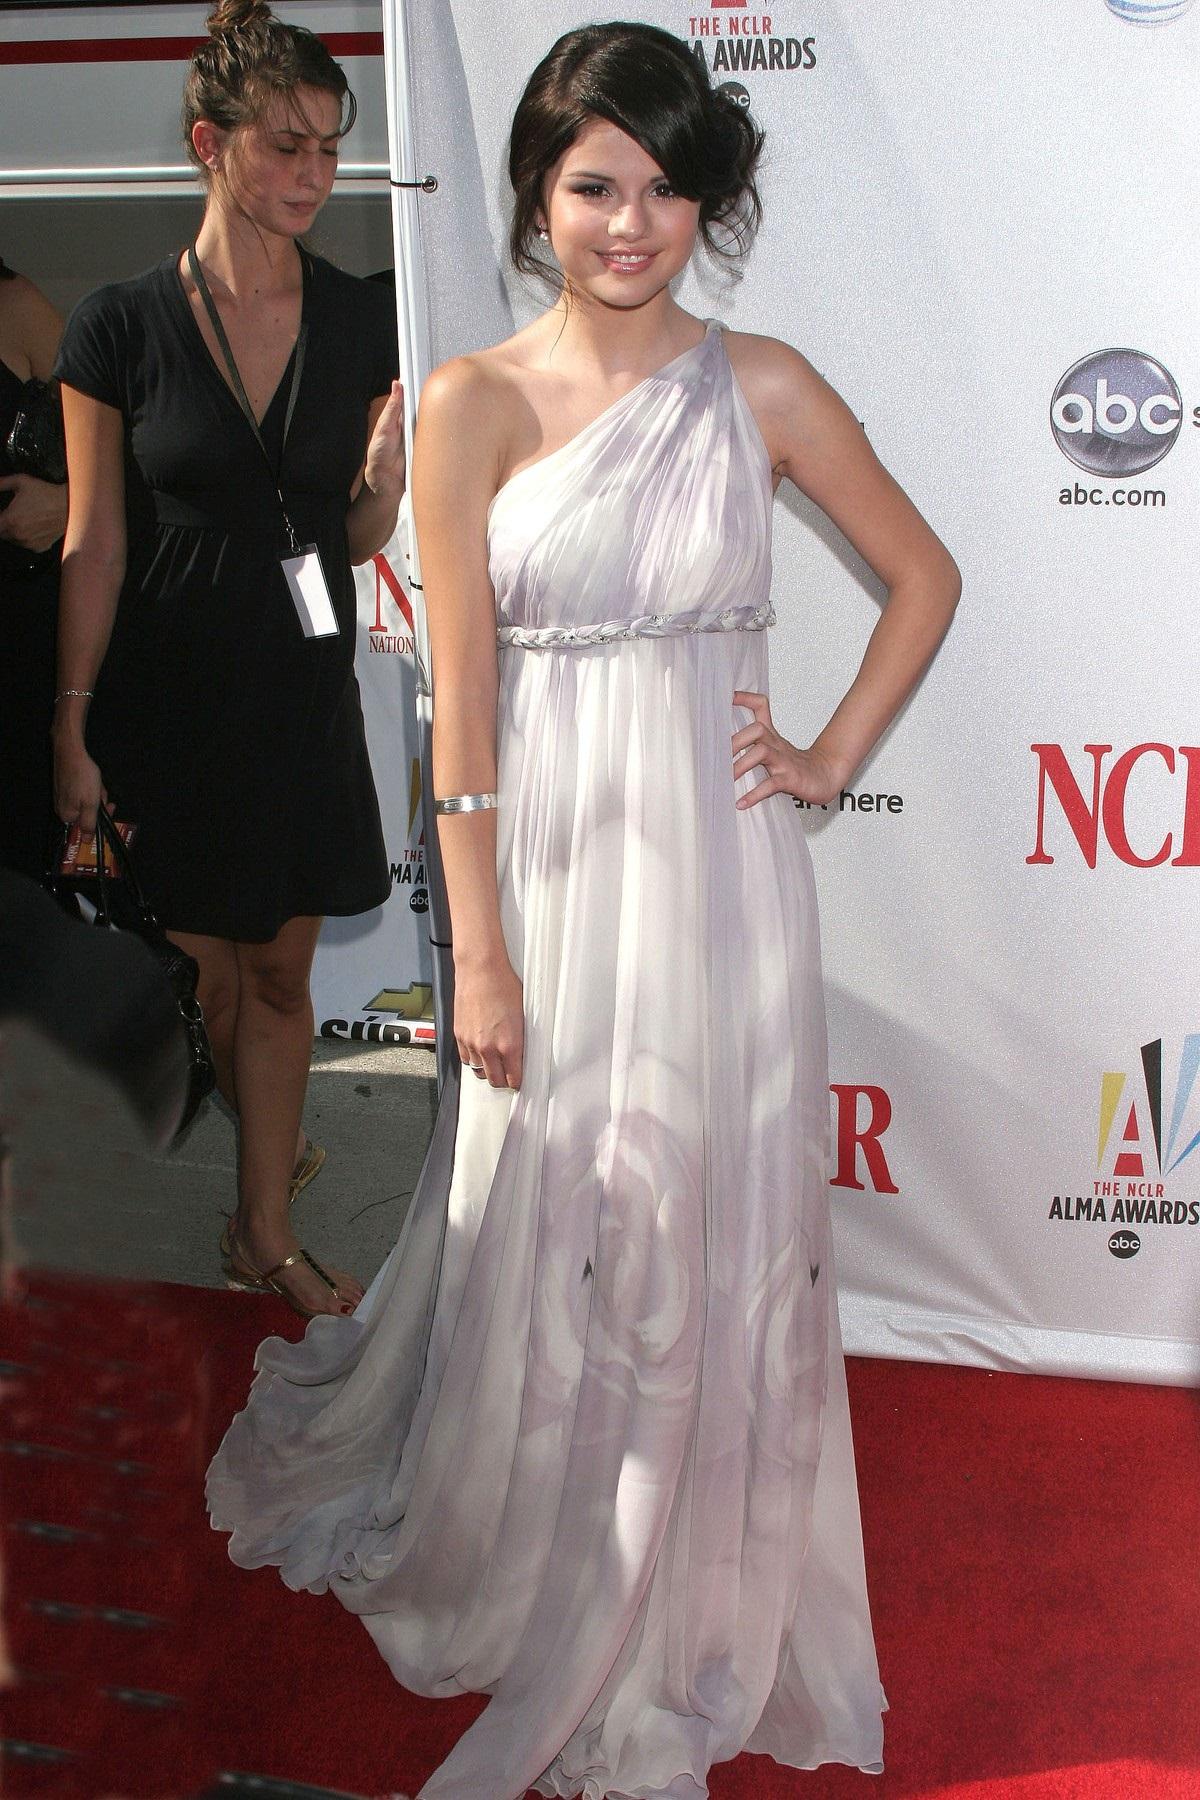 Selena Gomez cu părul strâns într-un coc și purtând o rochie albă vaporoasă dezvăluie secretul unei ținute perfecte pe covorul roșu în cadrul Premiilor ALMA care s-au derulat în 2008